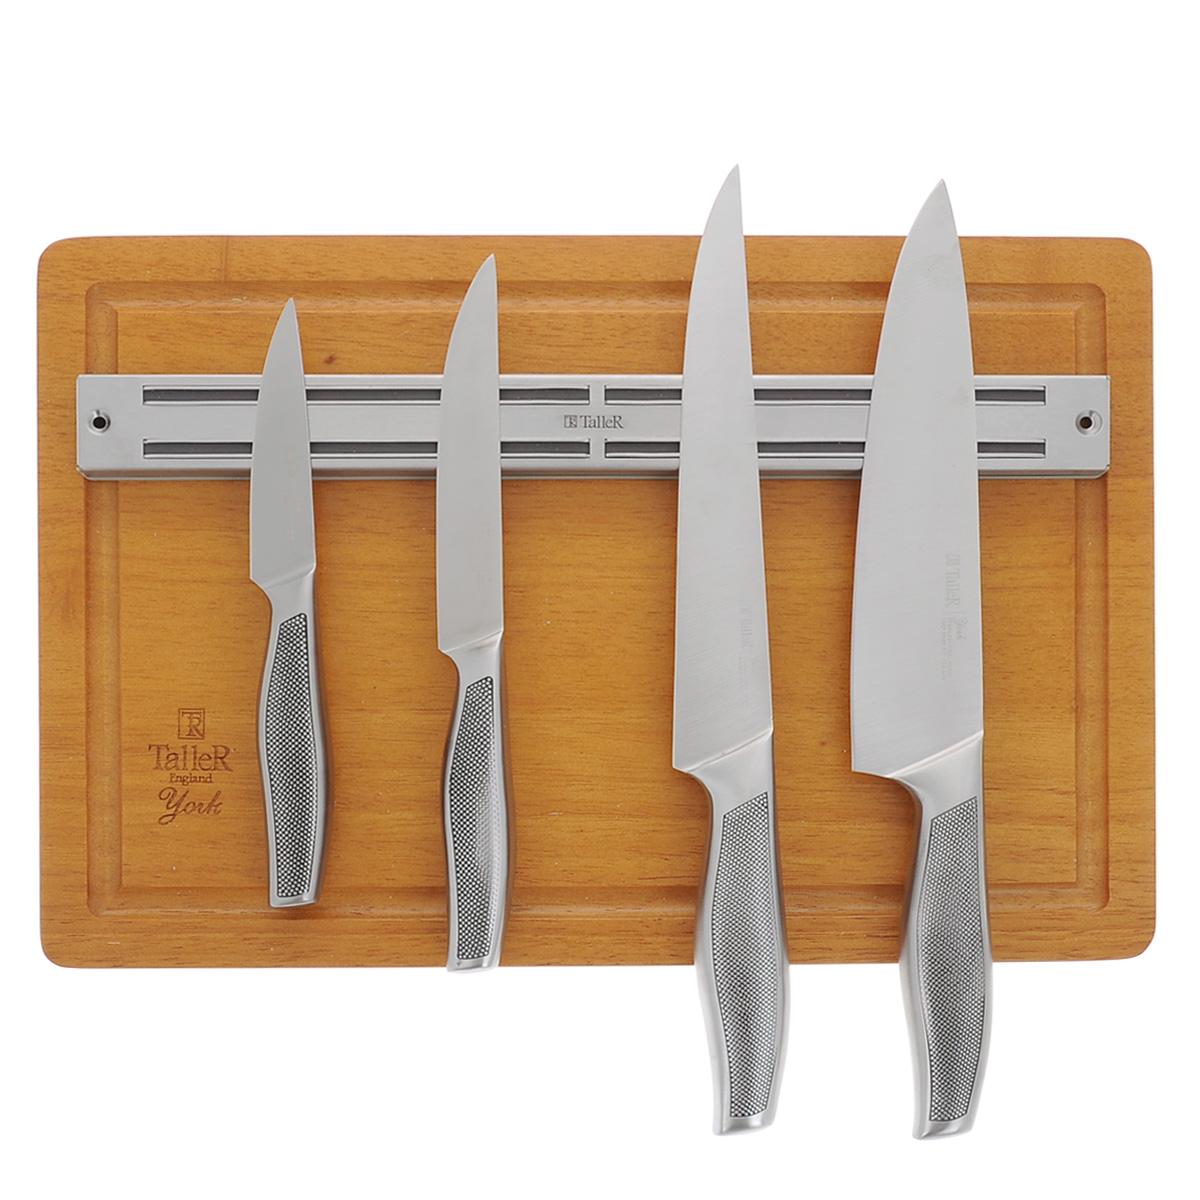 Набор ножей Taller Йорк, 6 предметовTR-2002Набор Taller Йорк состоит из 4 ножей (нож поварской, нож для нарезки, нож универсальный и нож для чистки), магнитной планки и разделочной доски. Ножи выполнены из коррозионной стали 420S45. Данная сталь устойчива к коррозии, отличается прочностью и отсутствием вредных соединений при контакте с продуктами. Режущая кромка лезвий устойчива к притуплению. Ножи отлично сбалансированы и удобно ложатся в руку. В наборе 4 ножа: - Поварской нож. Имеет тяжелую ручку, толстое, широкое и длинное лезвие с центрированным острием. Все это позволяет рубить овощи, зелень, резать мороженое мясо, рыбу и птицу. - Нож для нарезки. Нож с длинным, нешироким, но достаточно толстым лезвием. Используется для нарезки сырого и вареного мяса, разделки курицы, рыбы. Им легко нарезать арбуз, дыню. - Нож универсальный. Многофункциональный нож, подходит для нарезки овощей, фруктов, колбасы, сыра, масла. Применяется для приготовления бутербродов и канапе. - Нож для чистки....